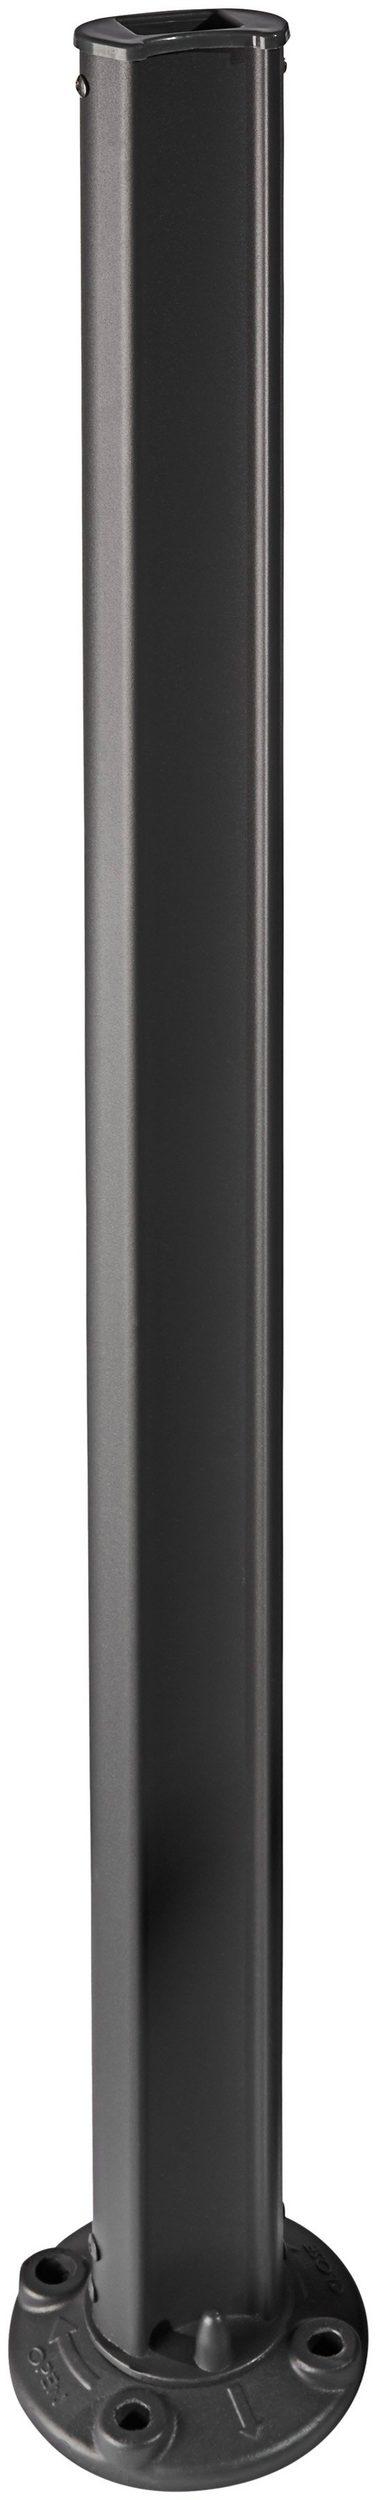 KONIFERA Seitenarmmarkise Seitenmarkise BxH: 600x160cm B65735258 UVP 149,99€ | 65735258 1